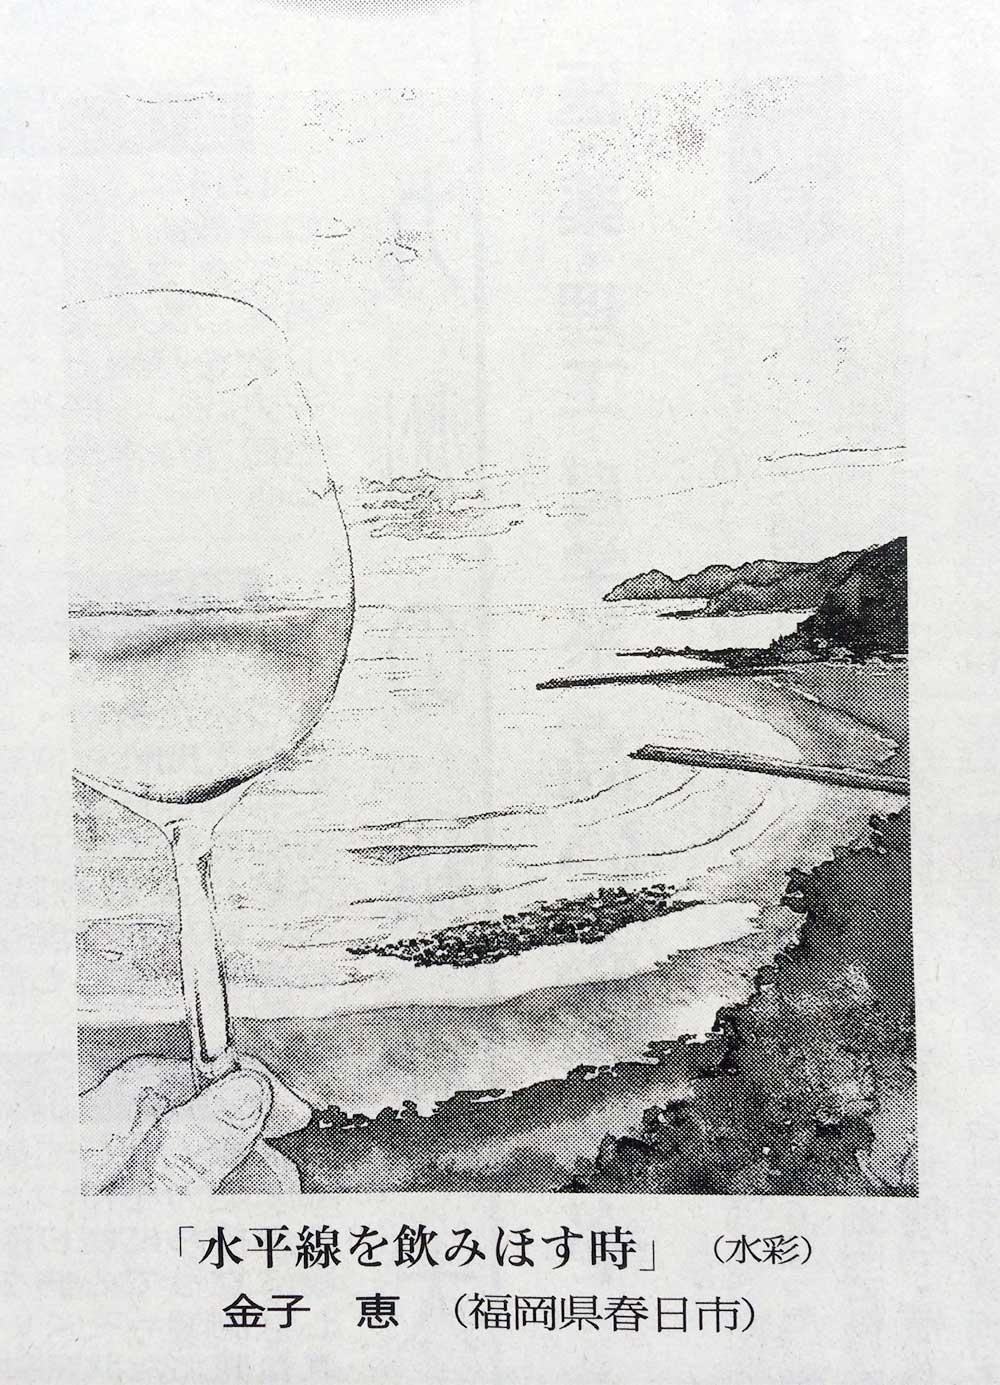 2014年9月15日(月)掲載【水平線を飲みほす時】